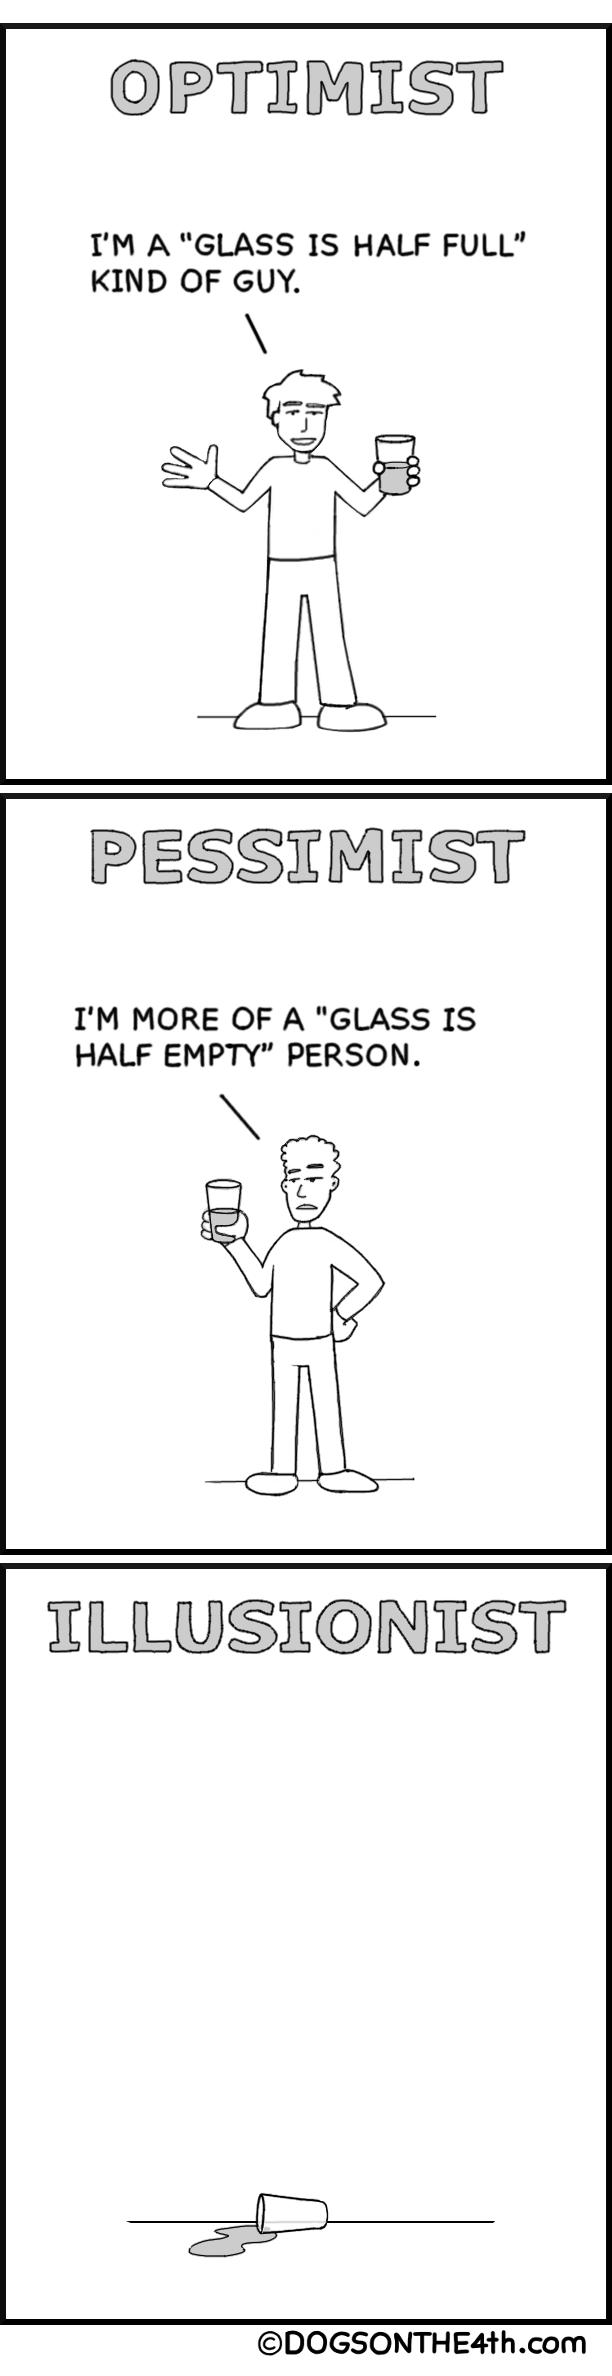 web comics optimism pessimism Three Kinds of People